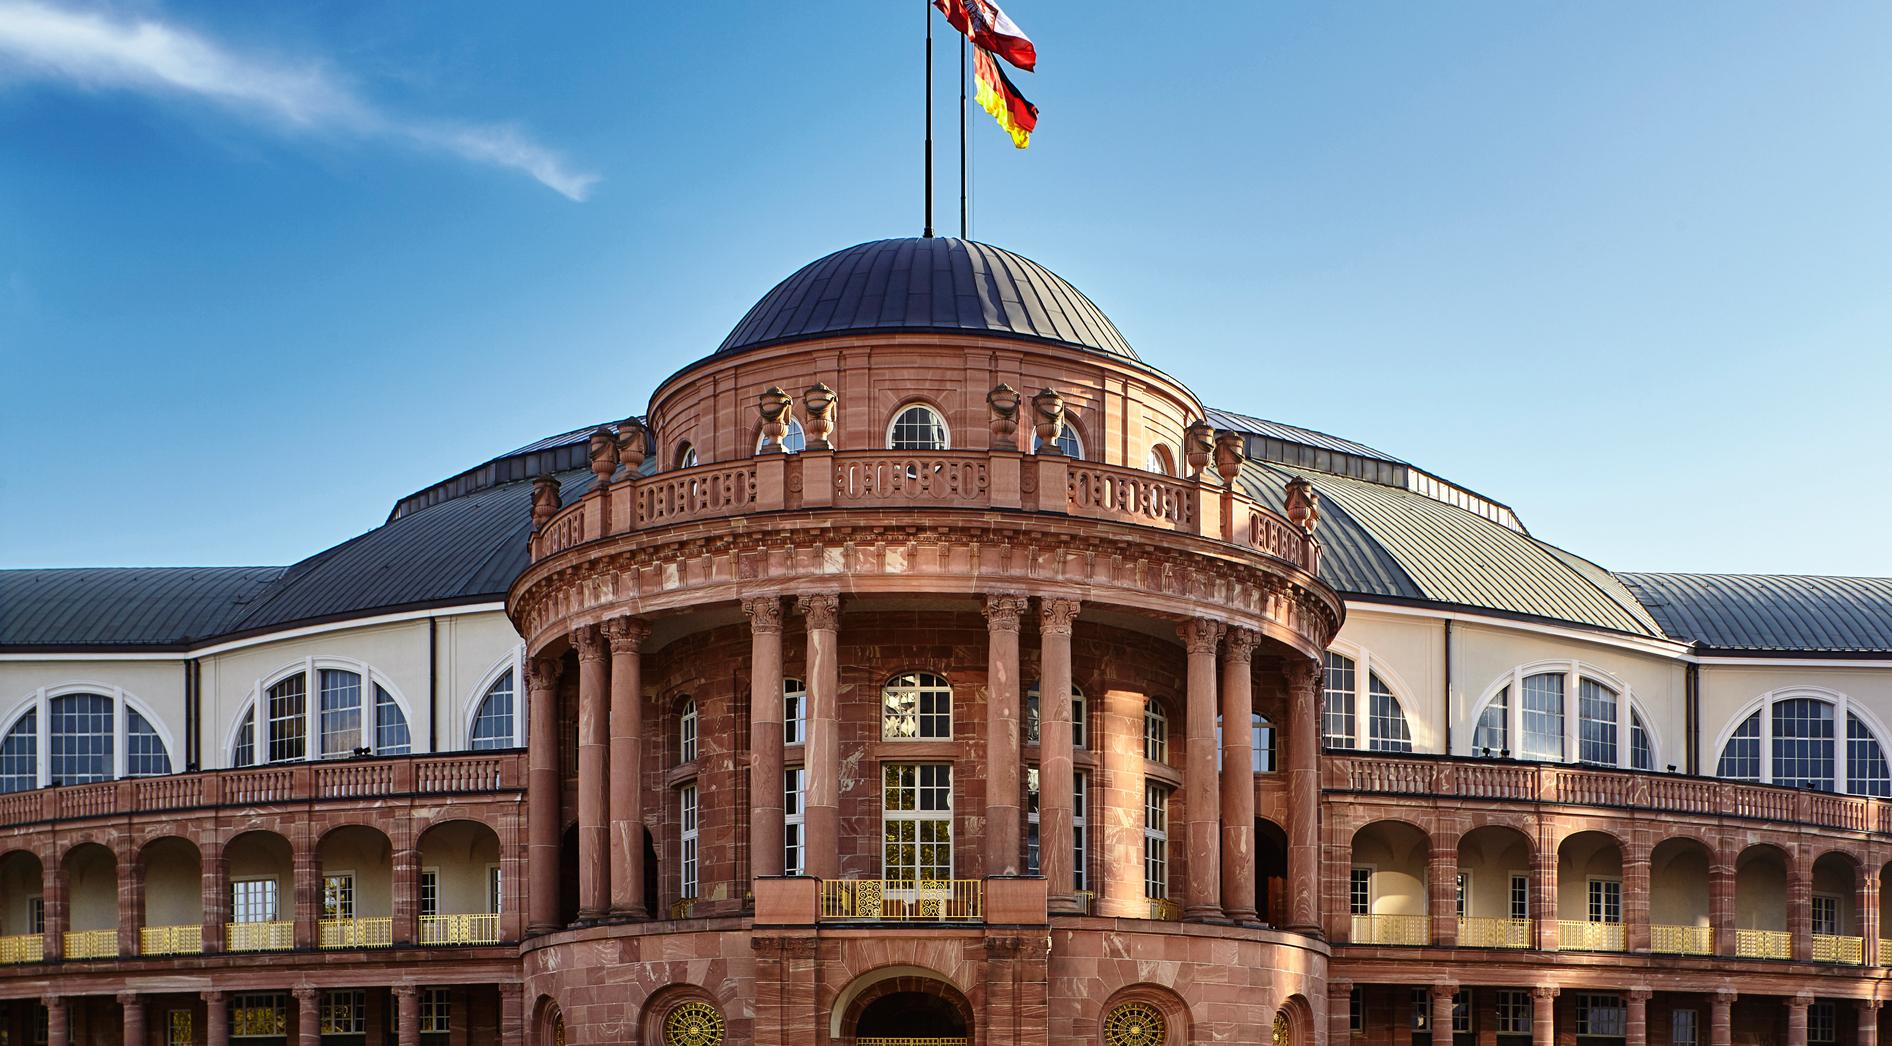 Festhalle Messe Frankfurt